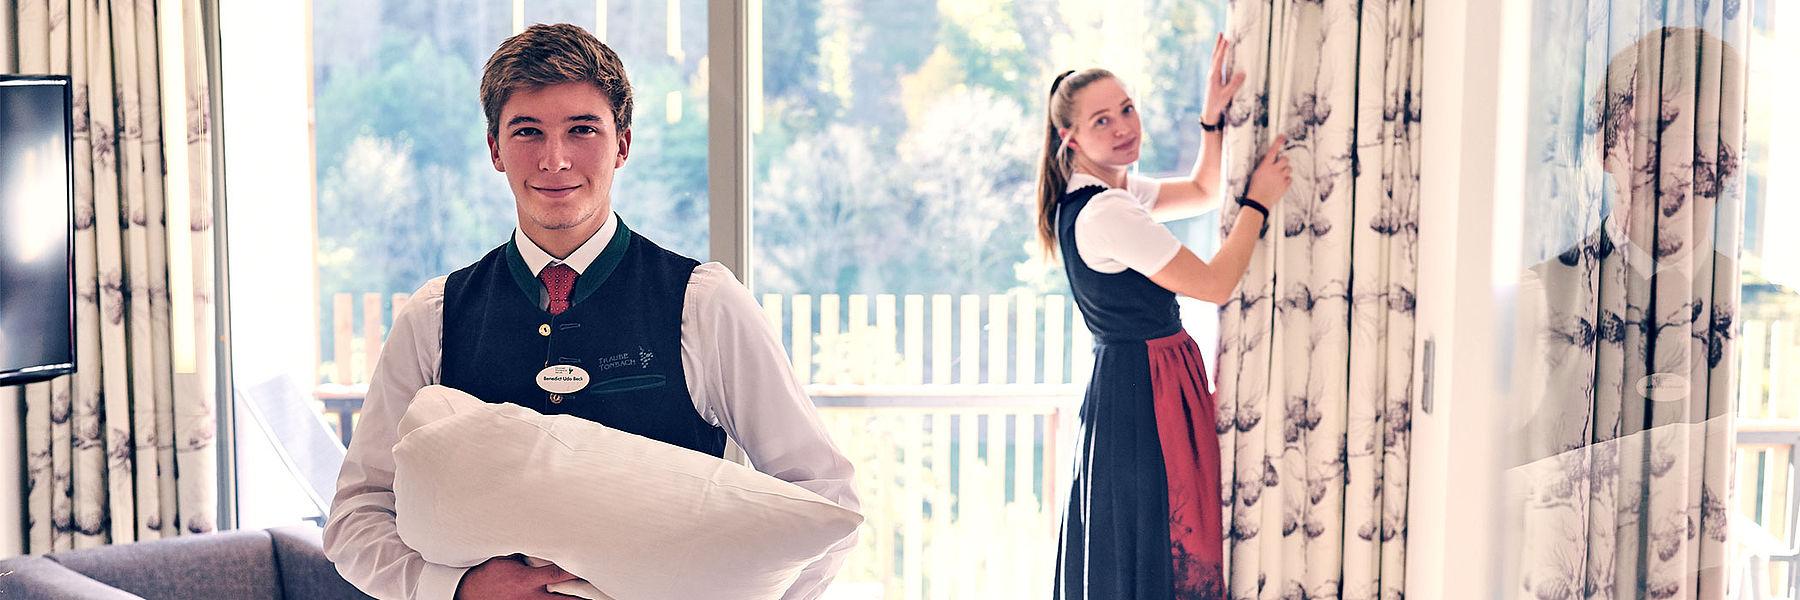 Zwei Auzubildende beim Housekeeping